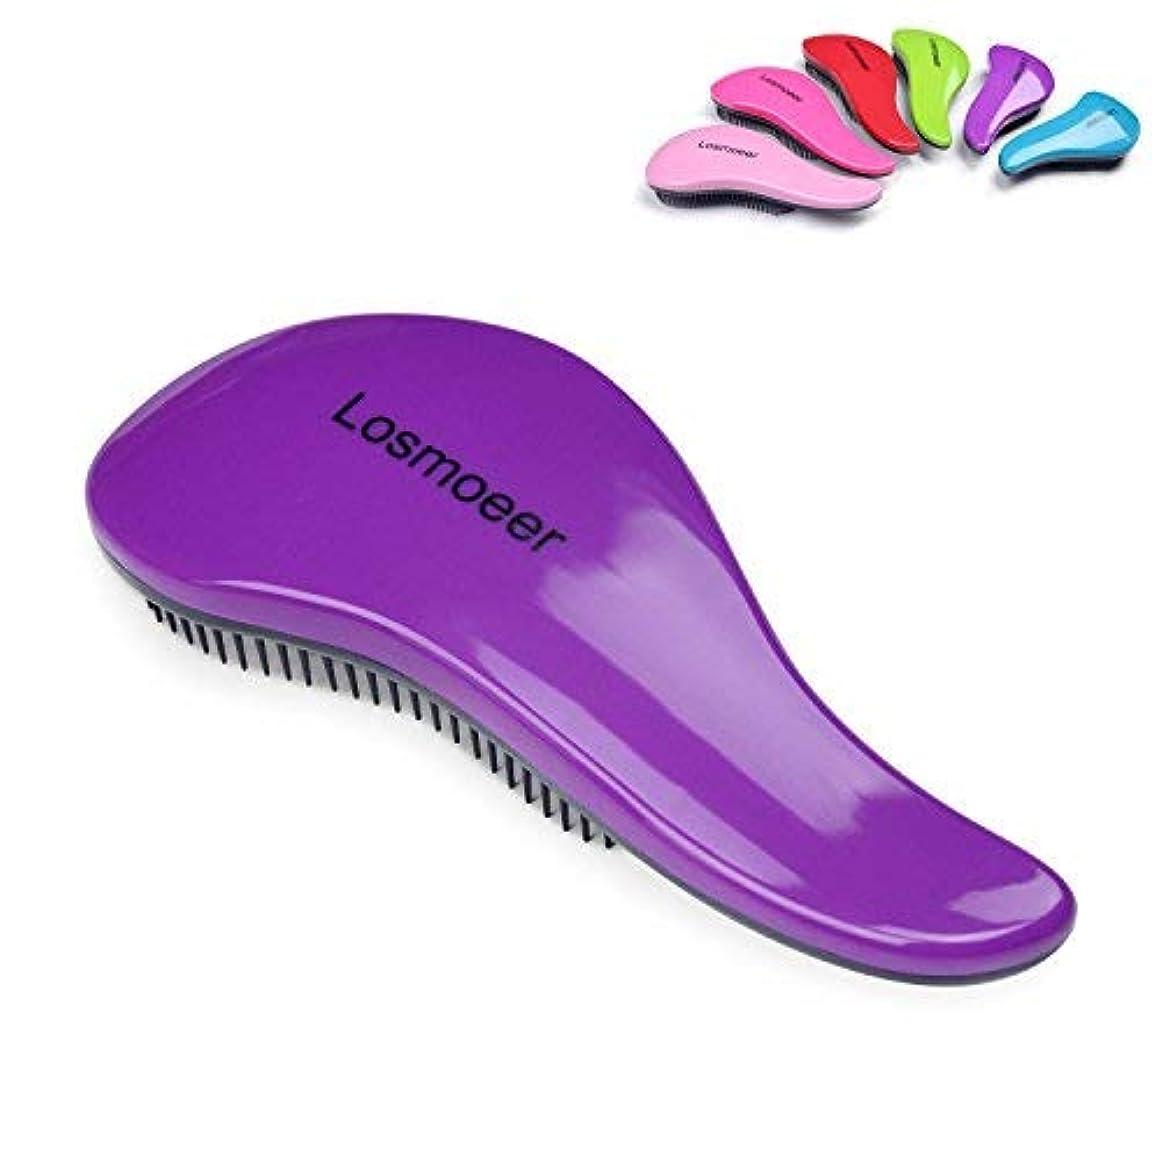 雪だるま収縮差し迫ったLOSMOEER Detangling Hair Brush - Professional Salon Elite Detangle Brush Detangler Hair Comb for Adults and Kids...